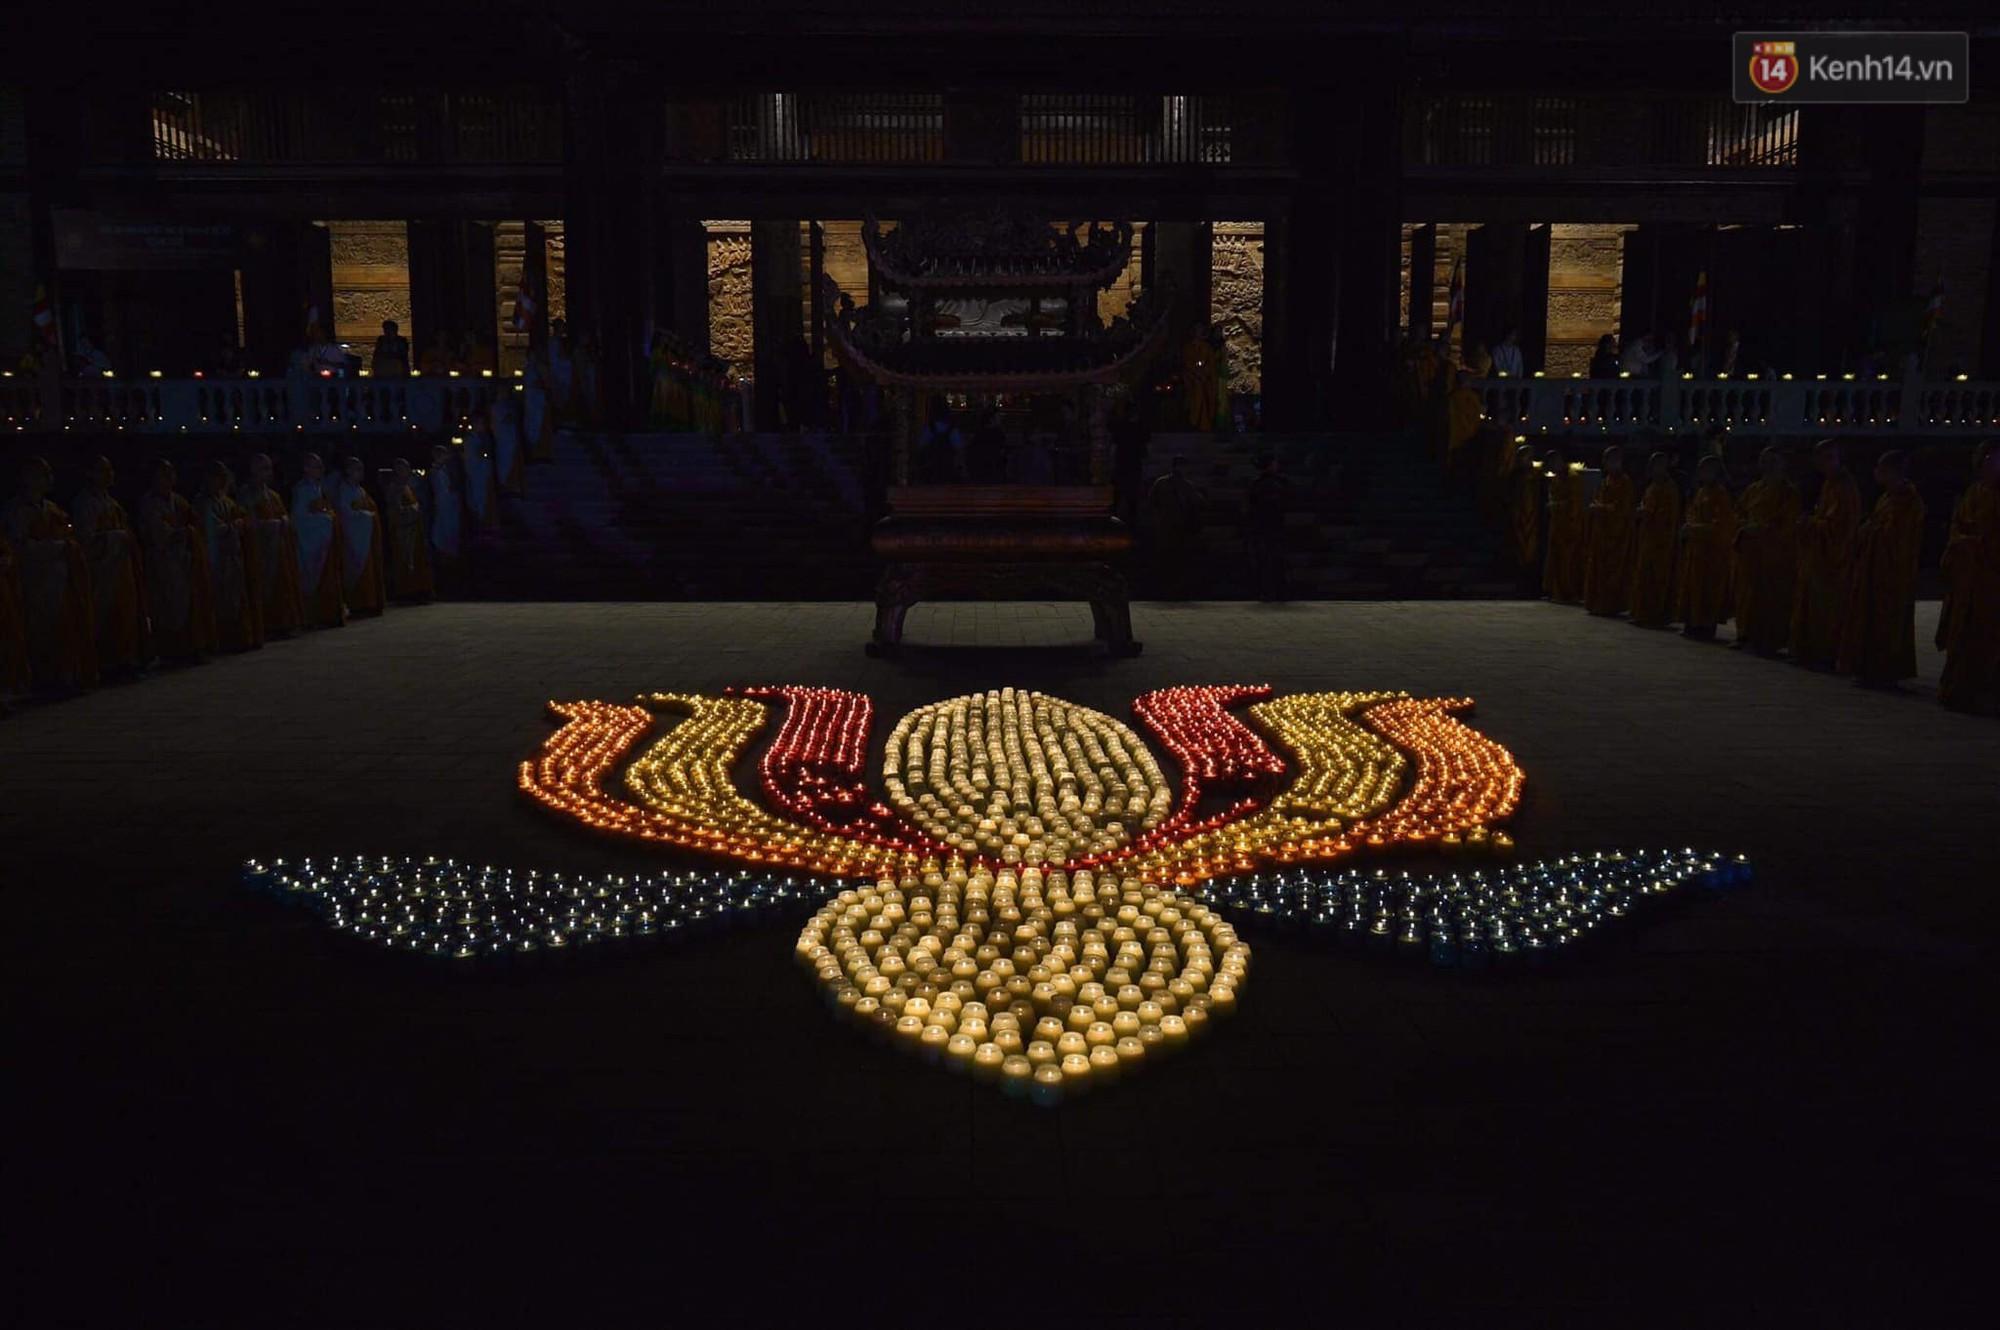 Hàng vạn người tham gia buổi lễ cầu nguyện hoà bình và hoa đăng tại chùa Tam Chúc - Ảnh 11.